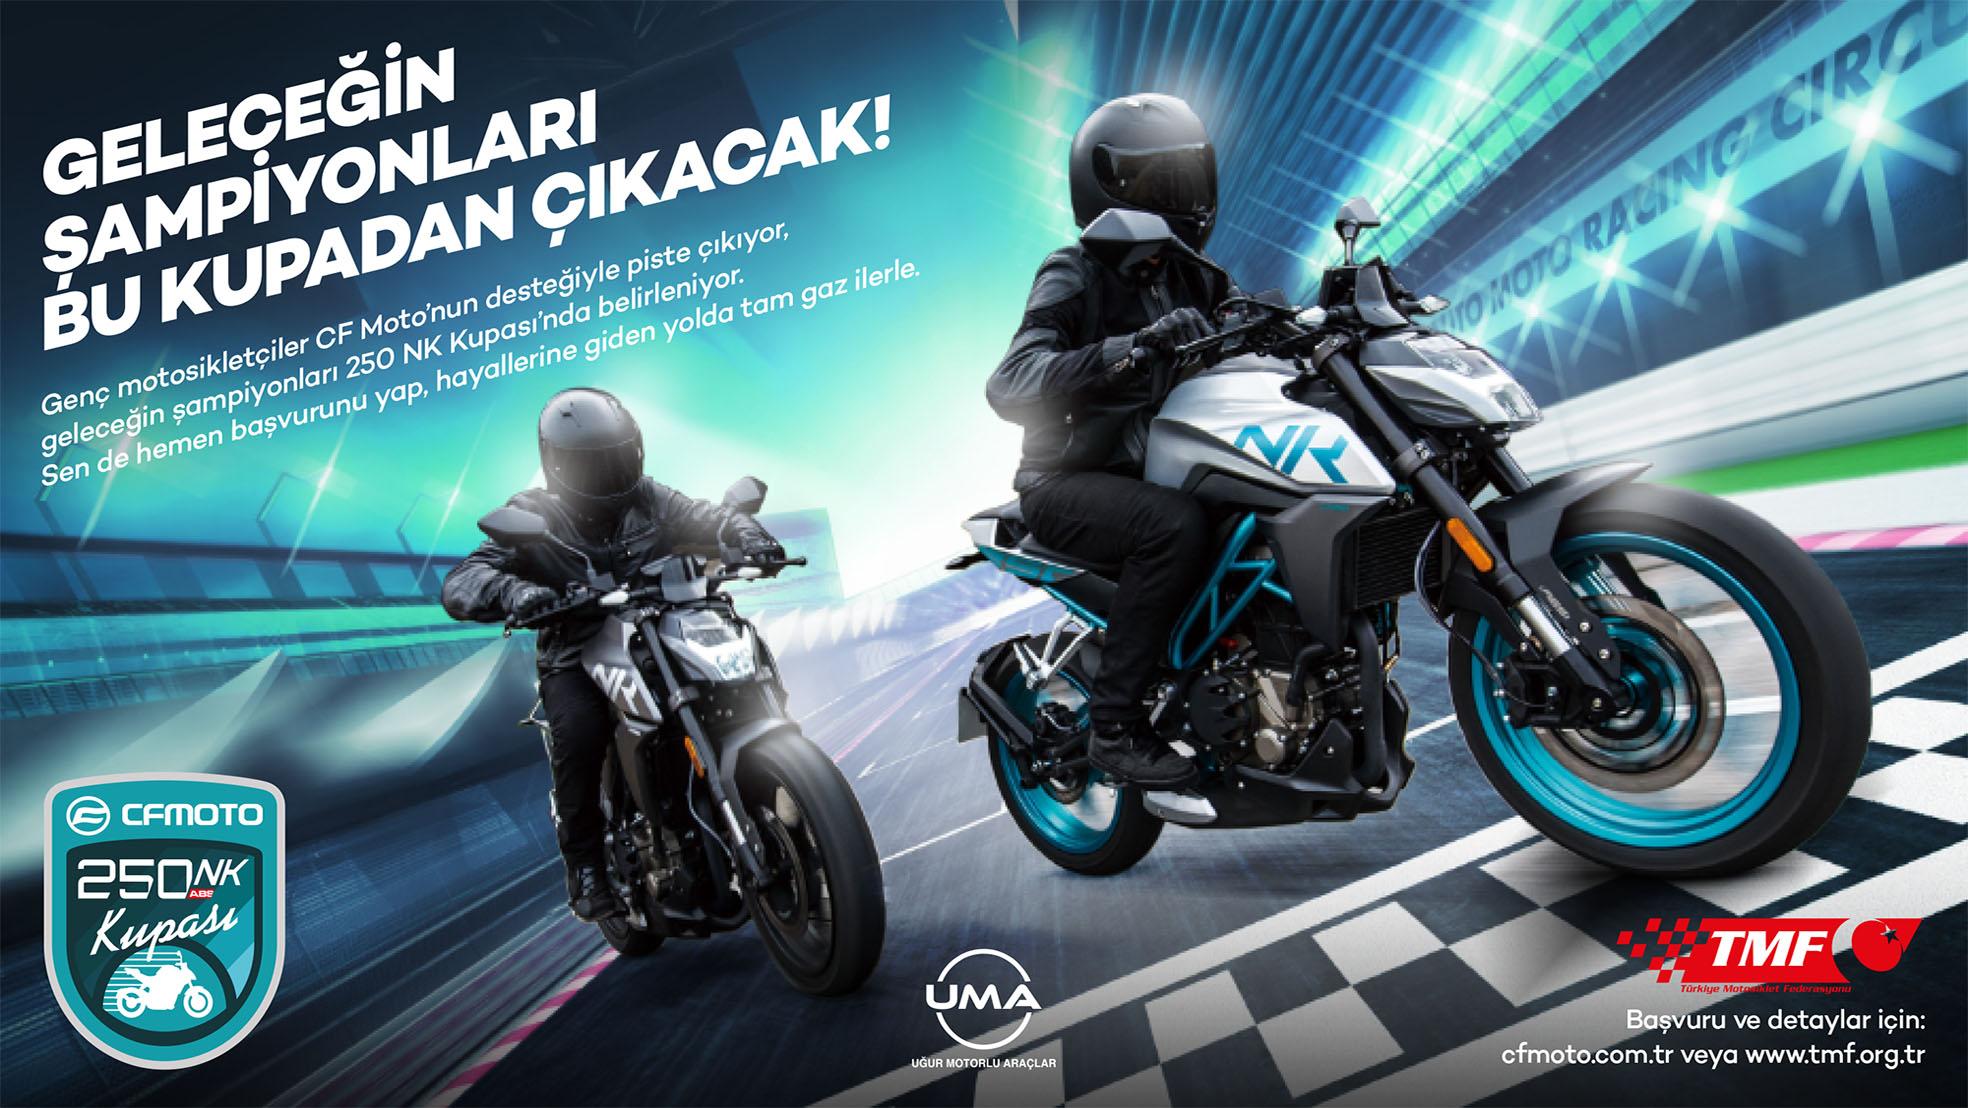 Tmf,Türkiye motosiklet federasyonu